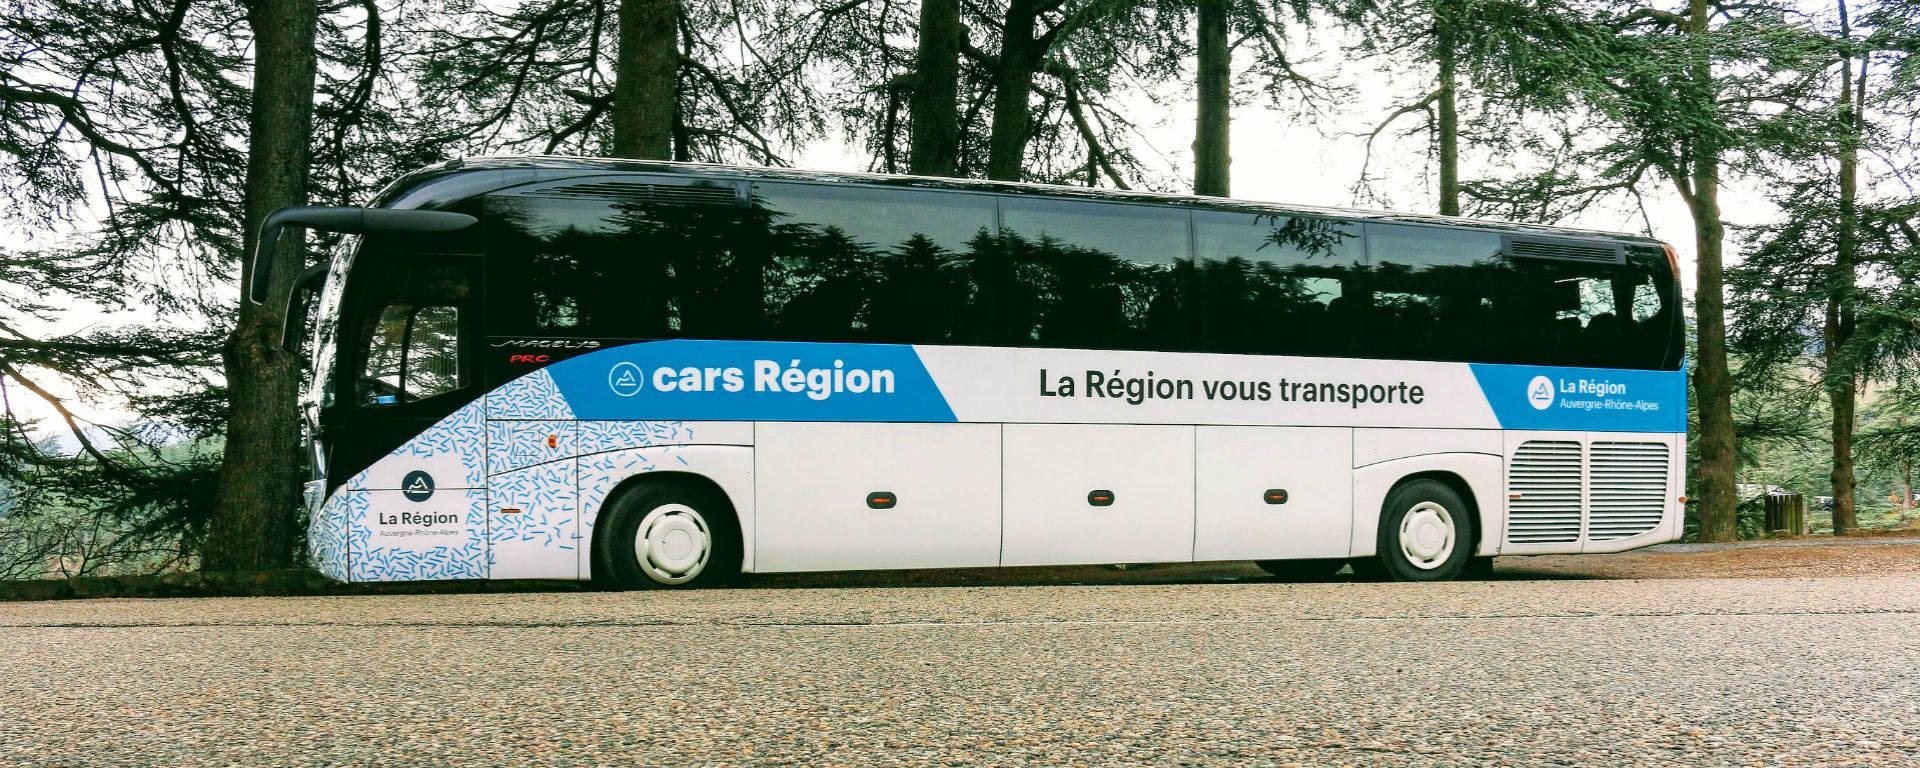 Bus, cars en Région Auvergne-Rhône-Alpes